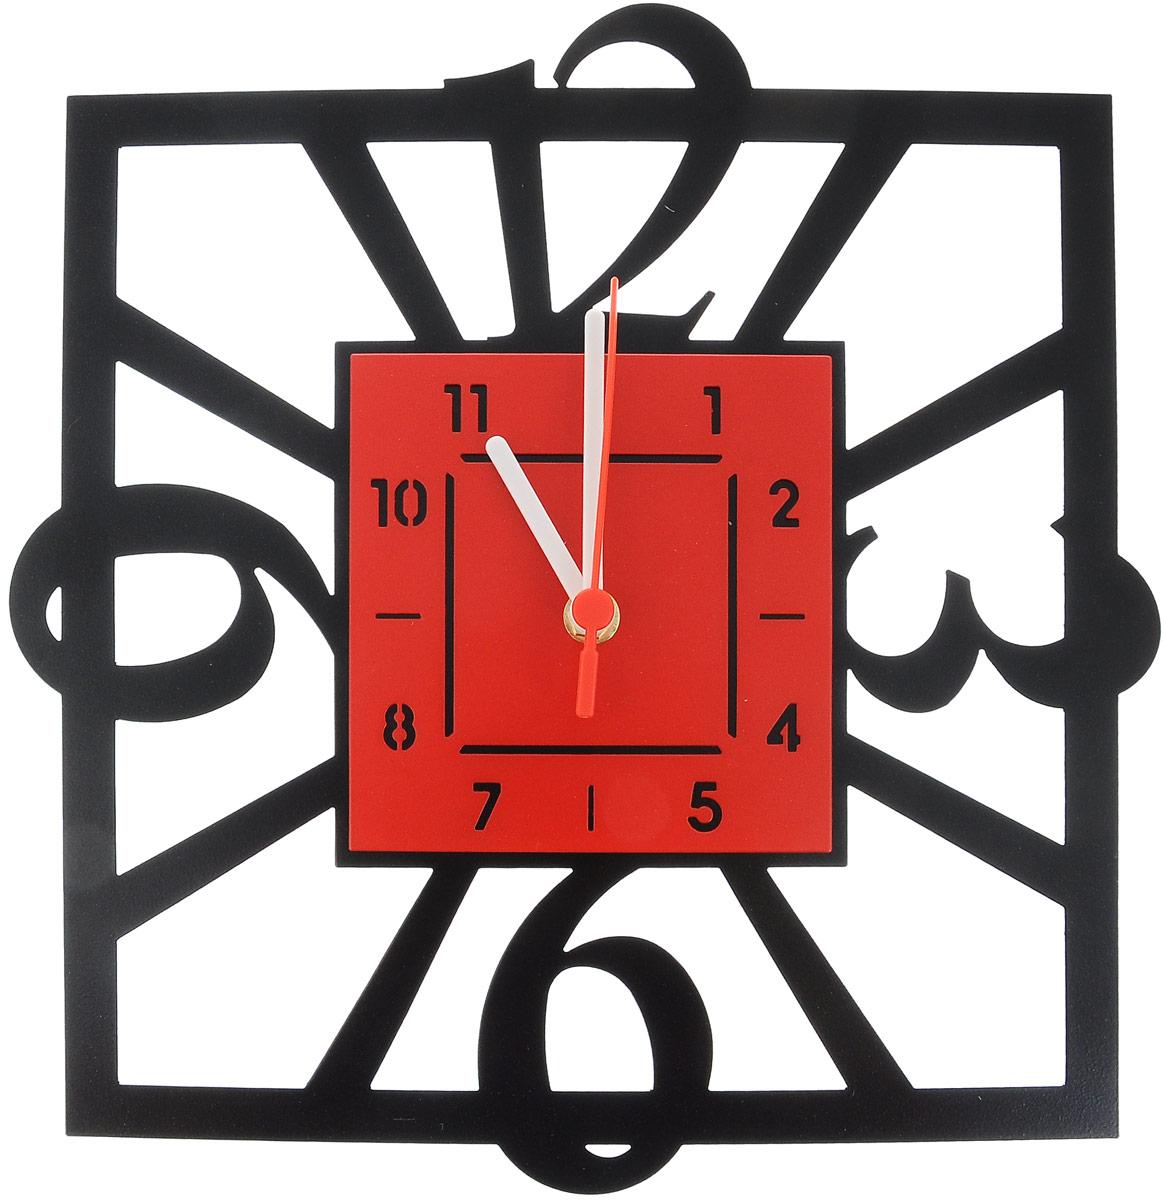 Часы настенные Miolla Квадратные, цвет: черный, красныйCH012_черный, красныйОригинальные настенные часы Miolla квадратной формы выполнены из стали. Часы имеют три стрелки - часовую, минутную и секундную и циферблат с цифрами. Необычное дизайнерское решение и качество исполнения придутся по вкусу каждому. Оформите свой дом таким интерьерным аксессуаром или преподнесите его в качестве презента друзьям, и они оценят ваш оригинальный вкус и неординарность подарка. Размер часов: 29 х 30 см. Часы работают от 1 батарейки типа АА напряжением 1,5 В (в комплект не входит).